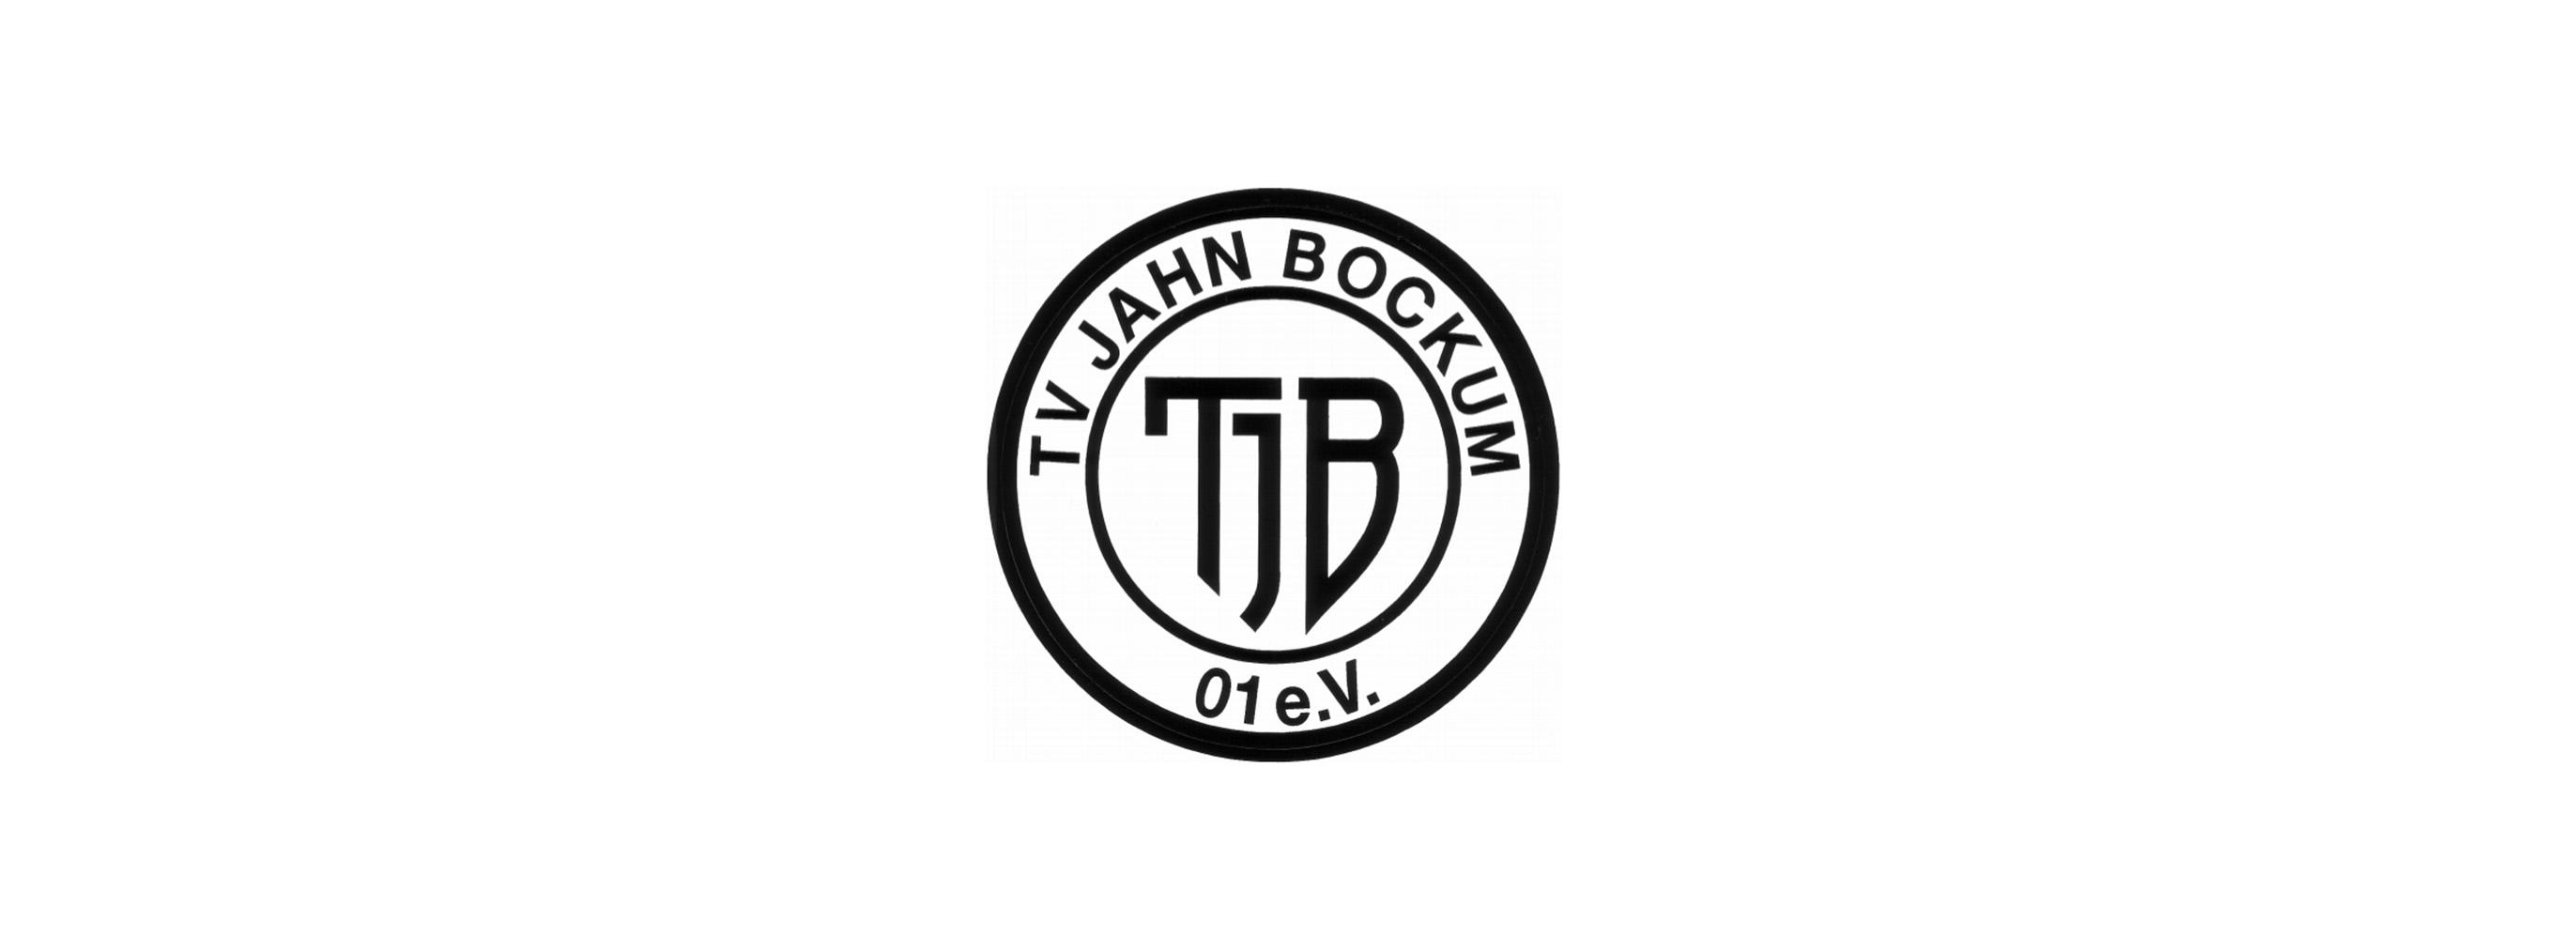 TV Jahn Bpckum Wettkampf